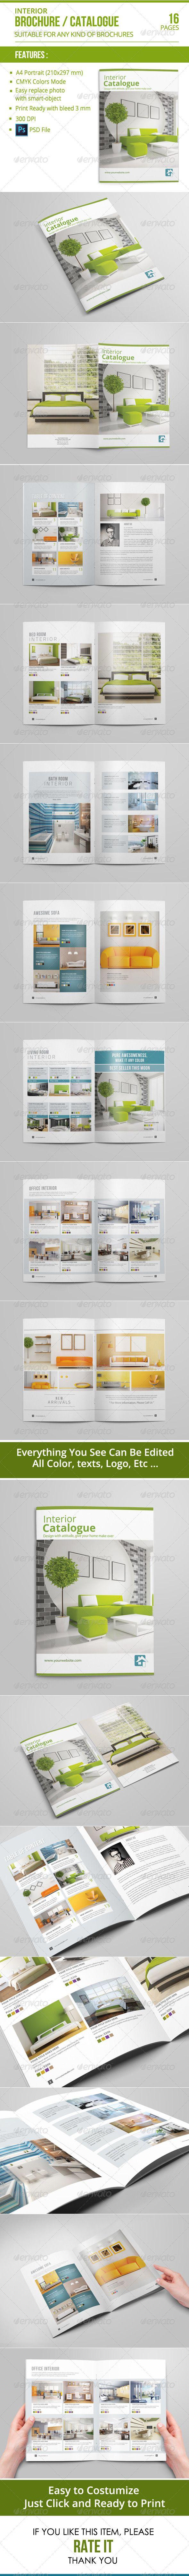 interior design catalogues karis sticken co rh karis sticken co